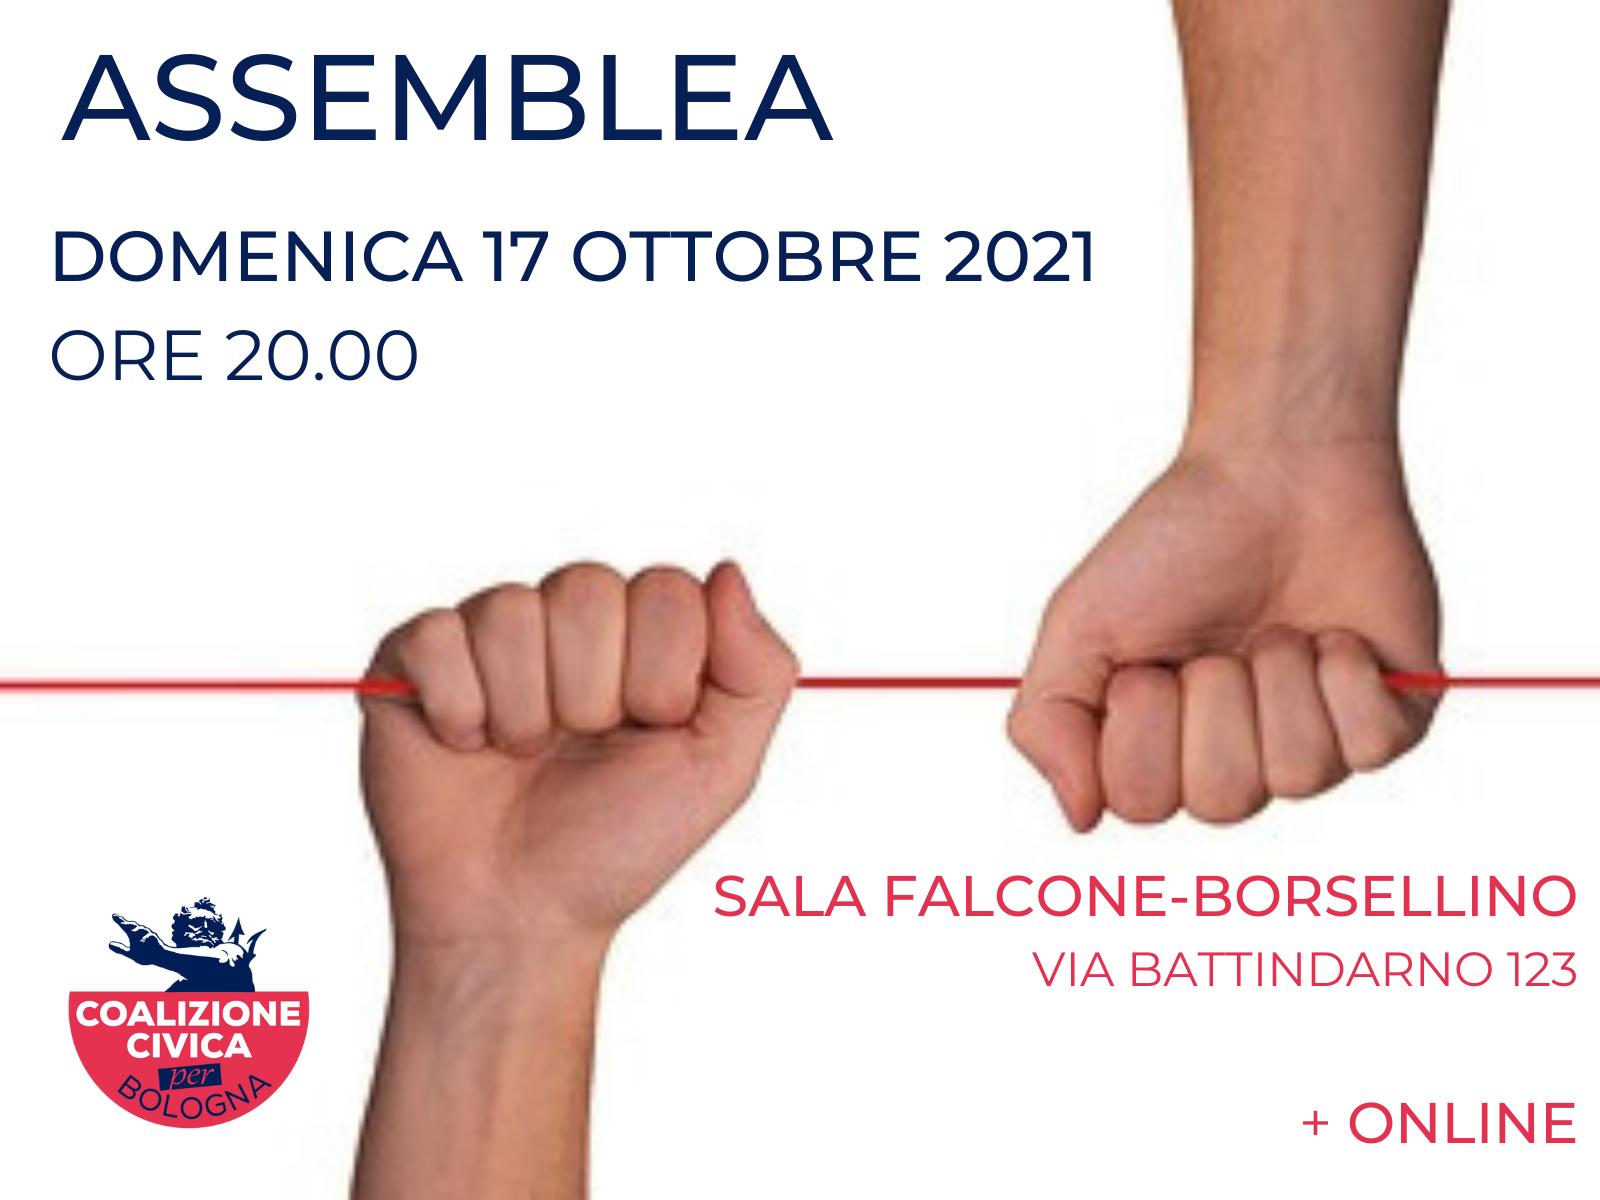 Convocazione assemblea 17 ottobre 2021